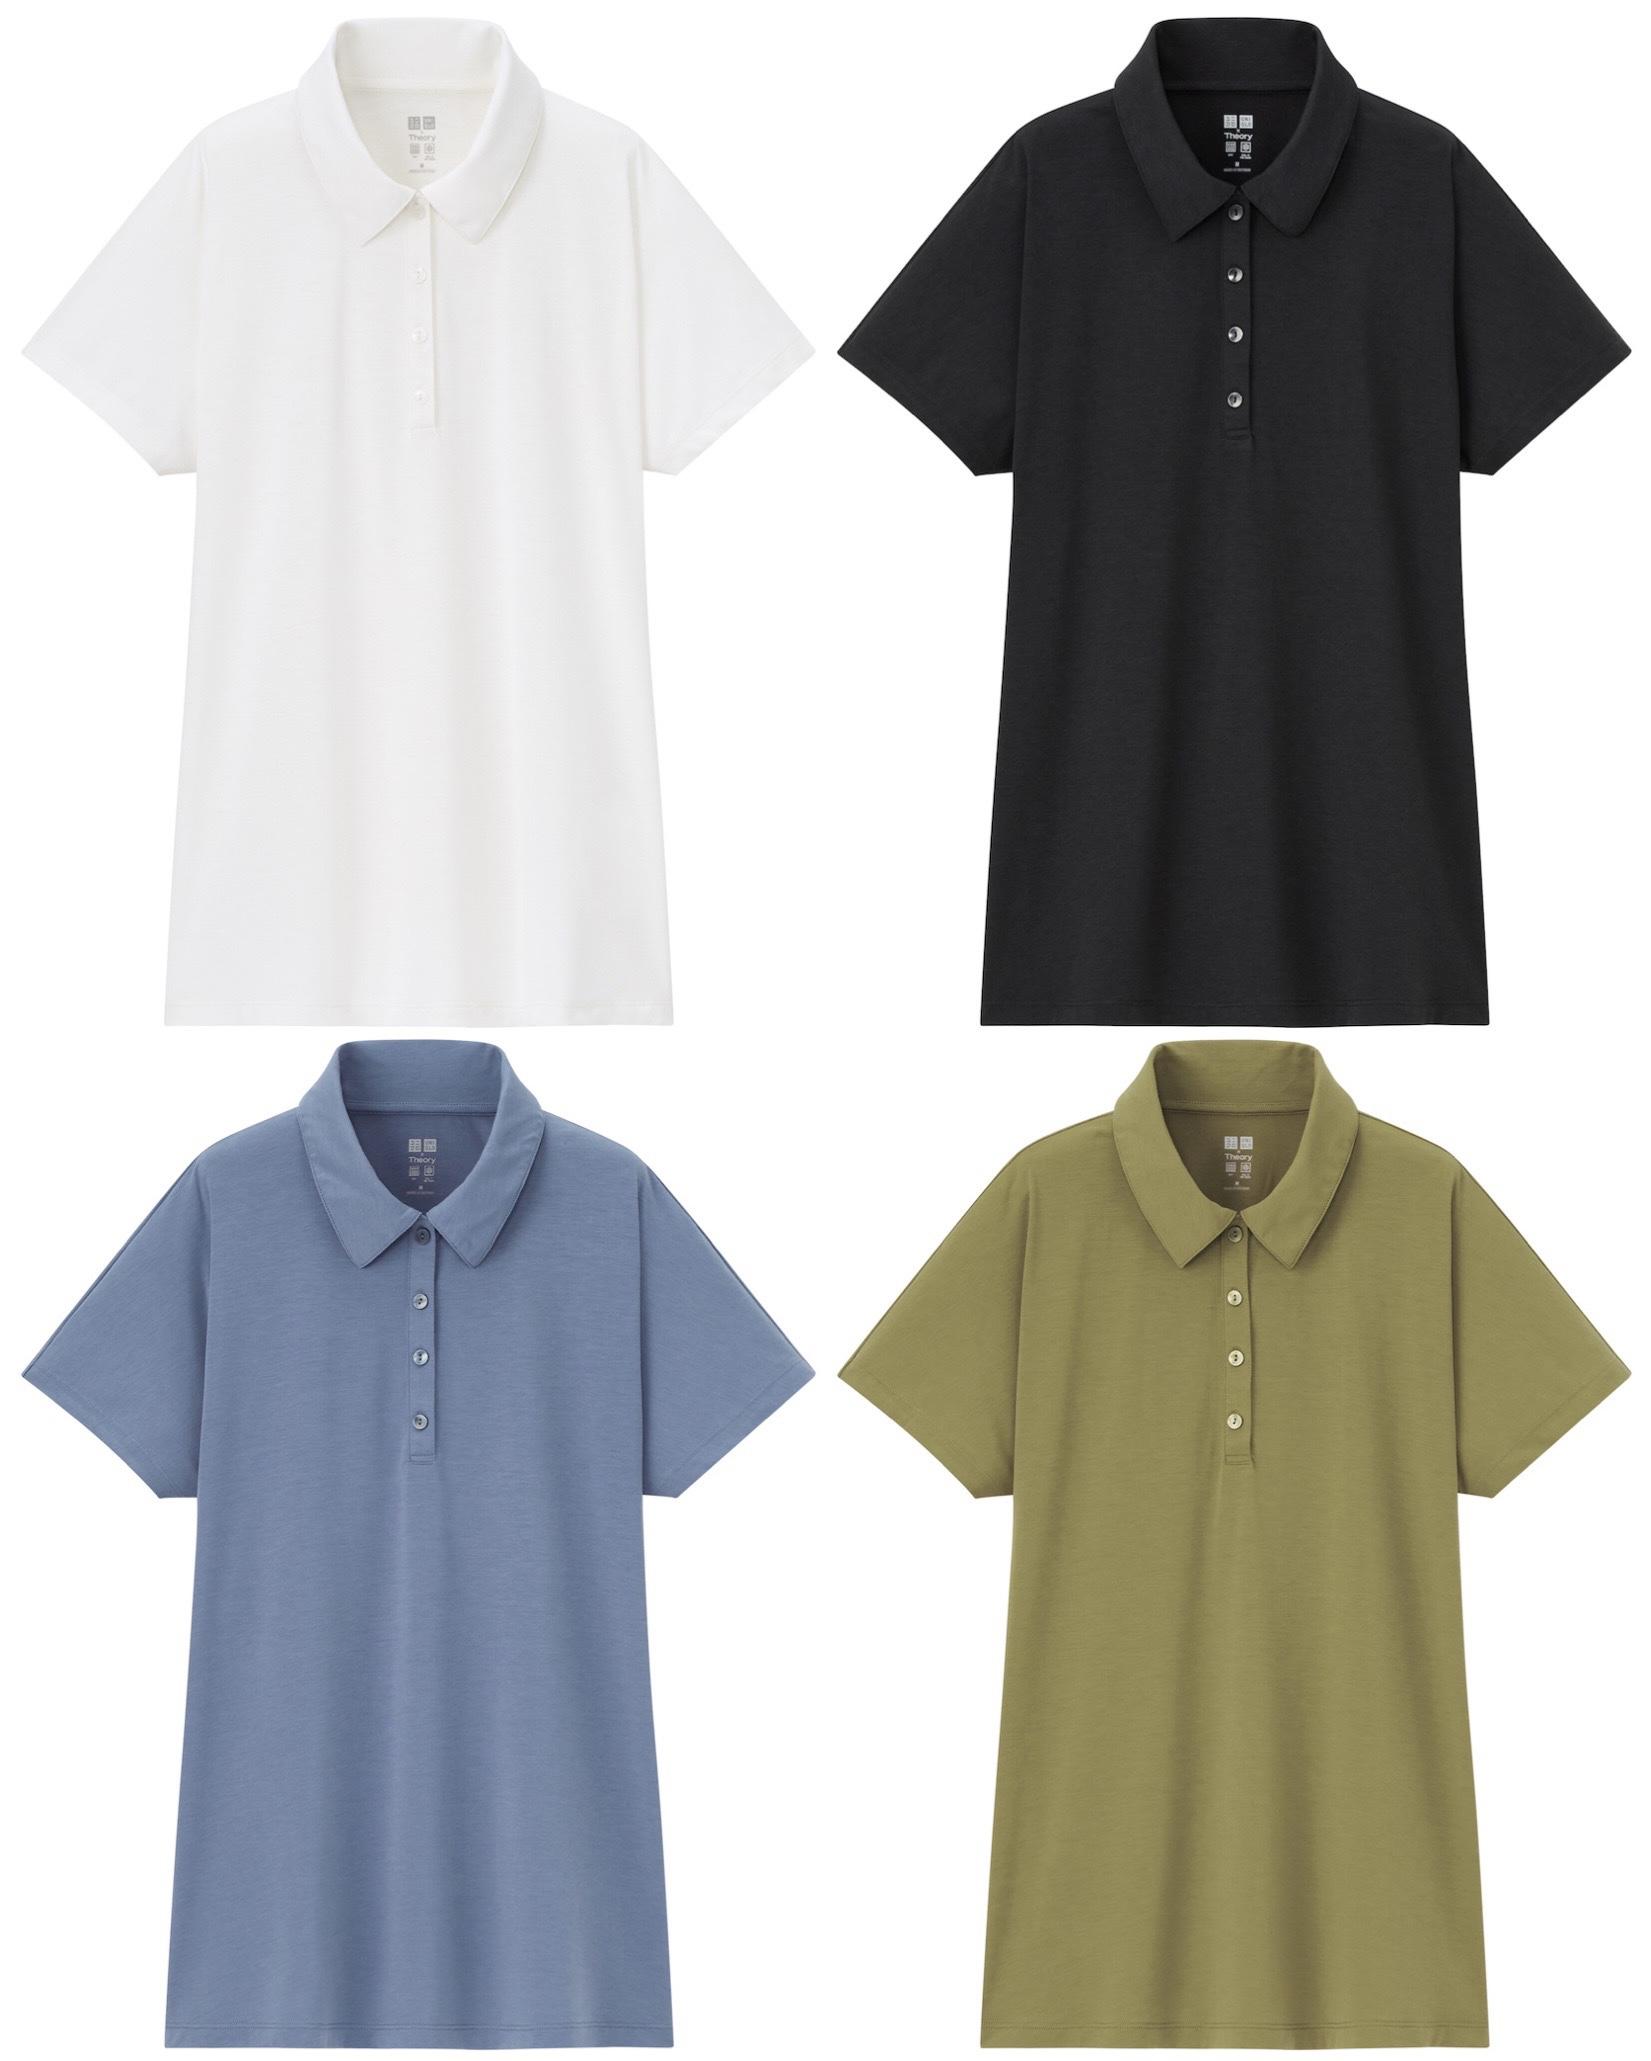 ユニクロ×セオリーのエアリズムAラインポロシャツ